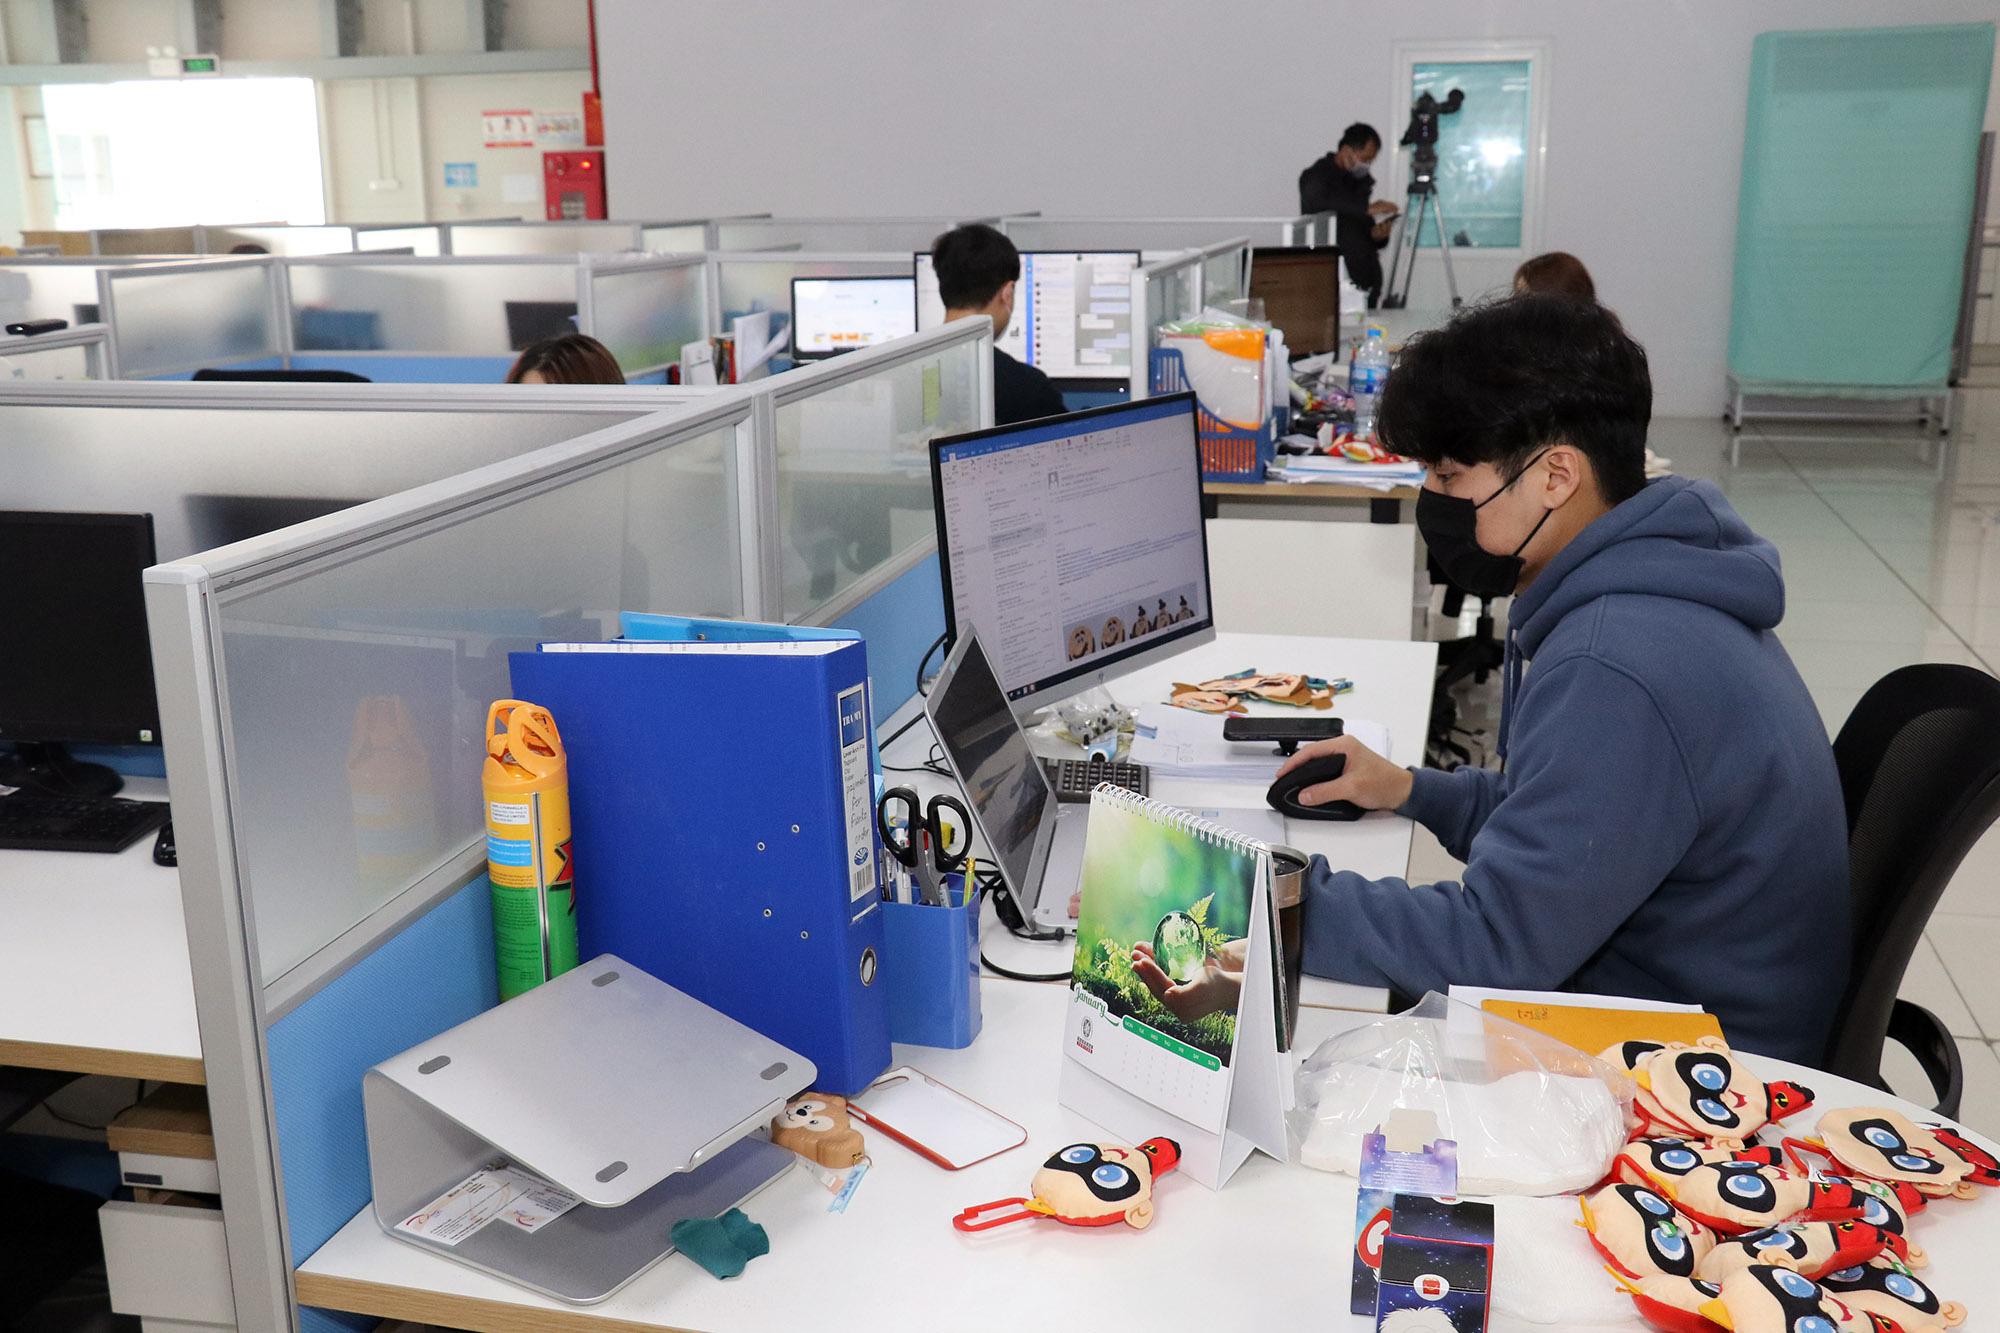 Chuyên gia Hàn Quốc tại một công ty ở Khu công nghiệp huyện Lý Nhân, tỉnh Hà Nam làm việc khi dịch bệnh viêm phổi Vũ Hán đang xảy ra. (Ảnh qua tuoitre)